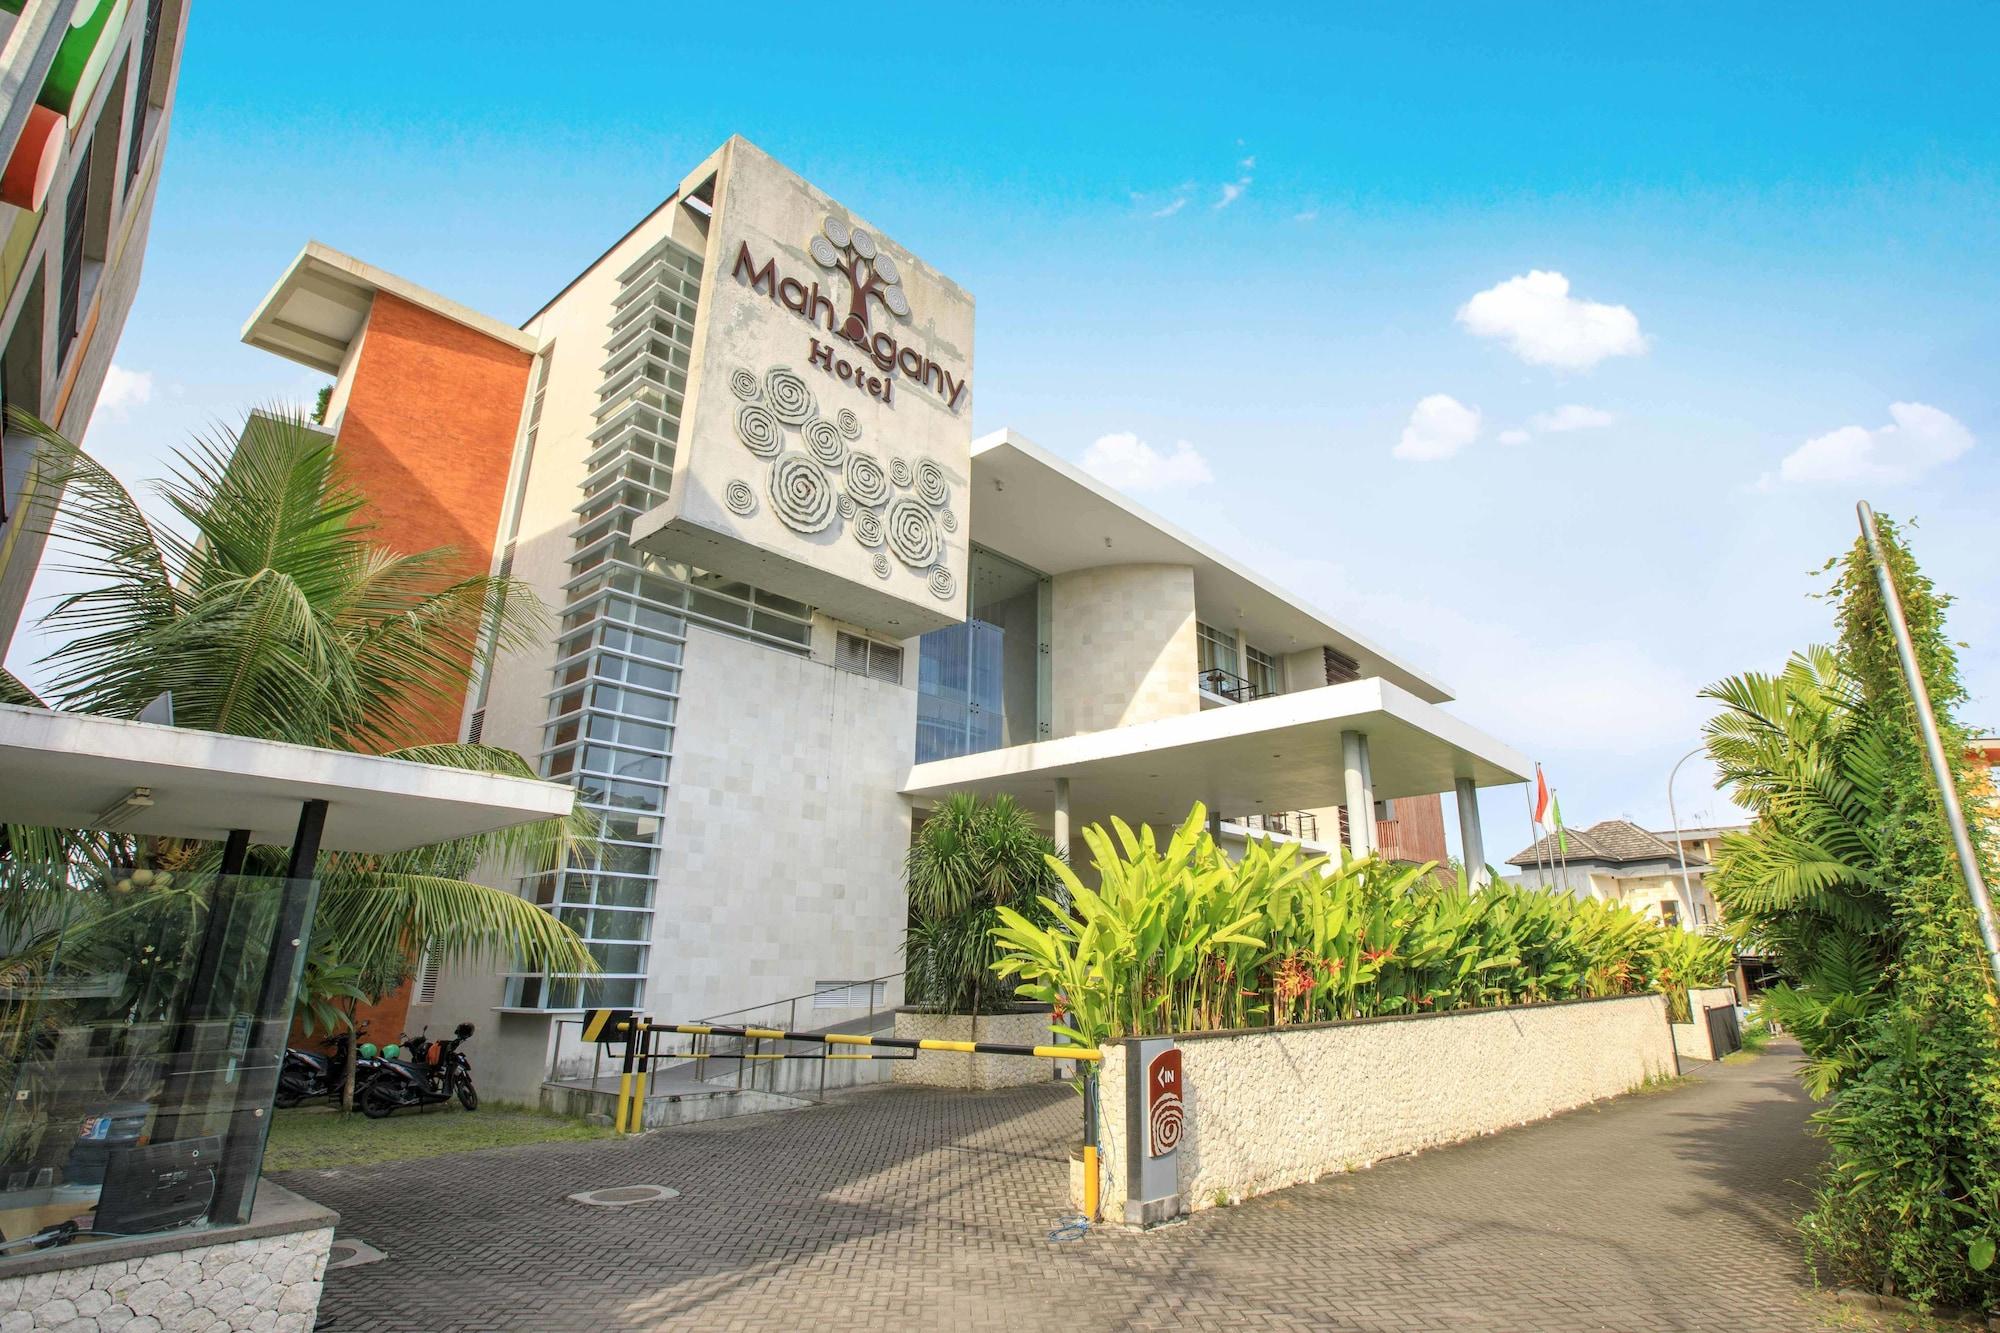 Mahogany Hotel, Badung